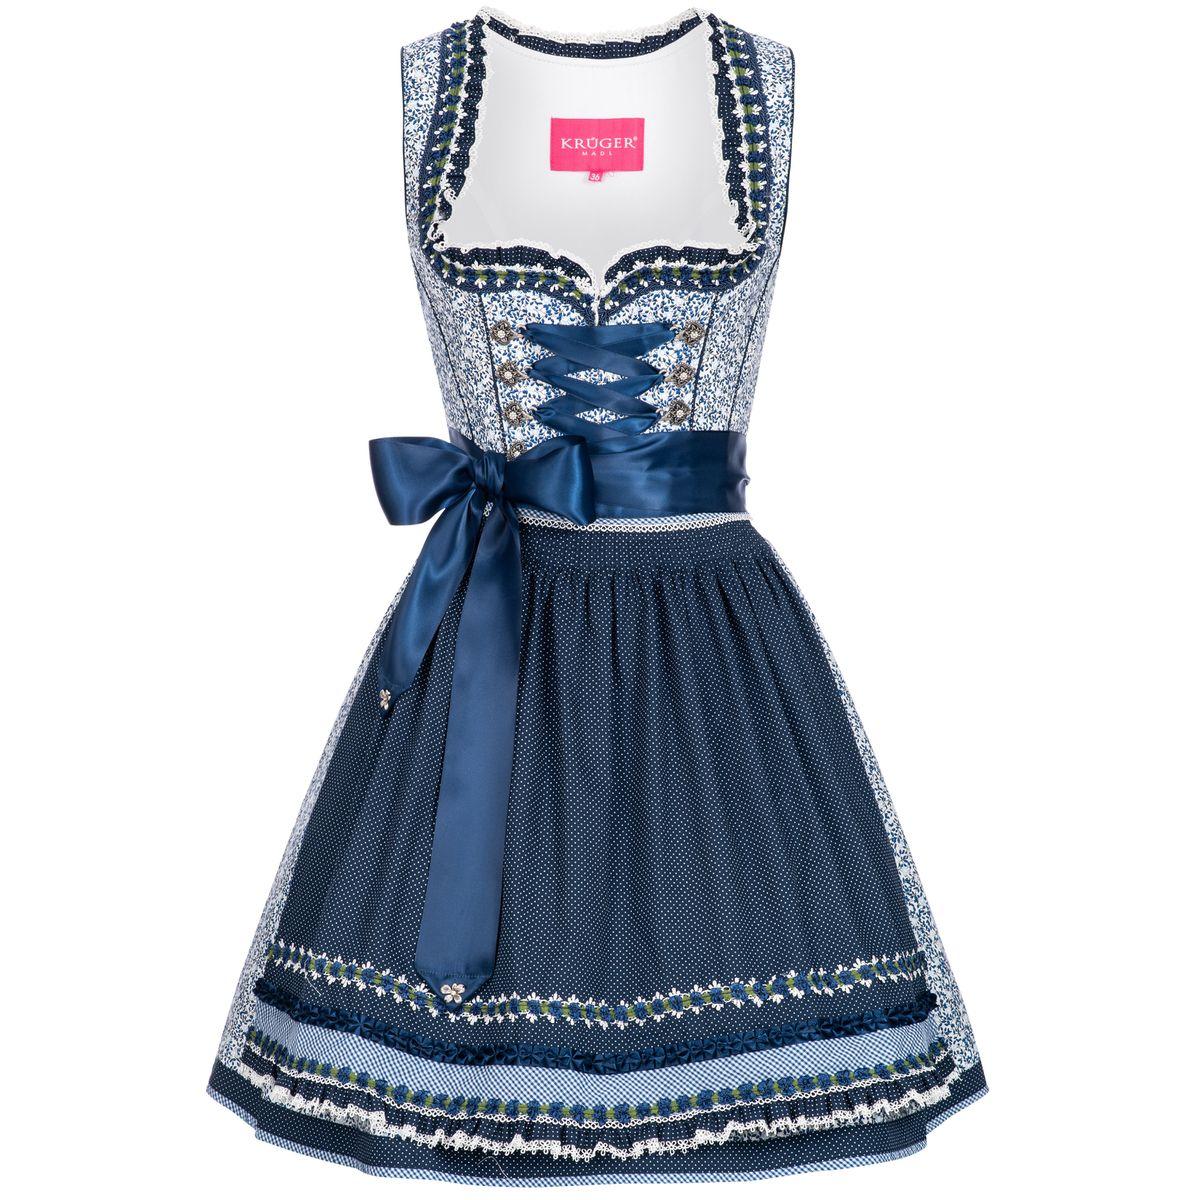 Mini Dirndl Matilda in Blau von Krüger Dirndl günstig online kaufen